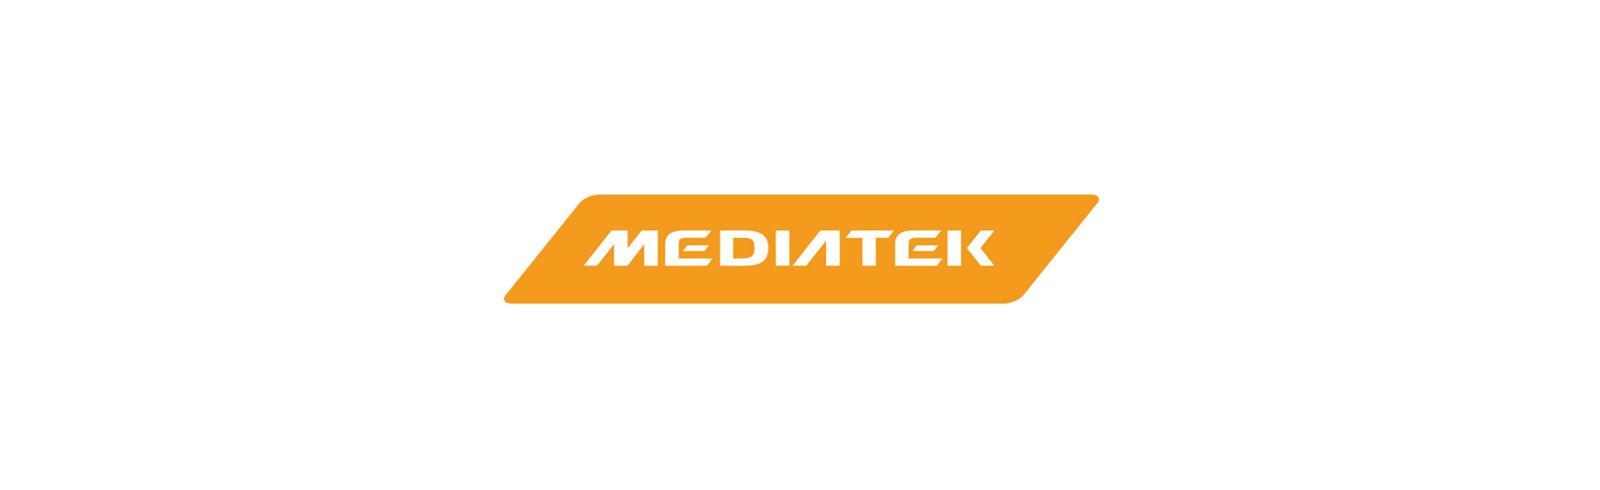 MediaTek unveils the MT5670 chipset for feature-rich 4K UHD smart TVs